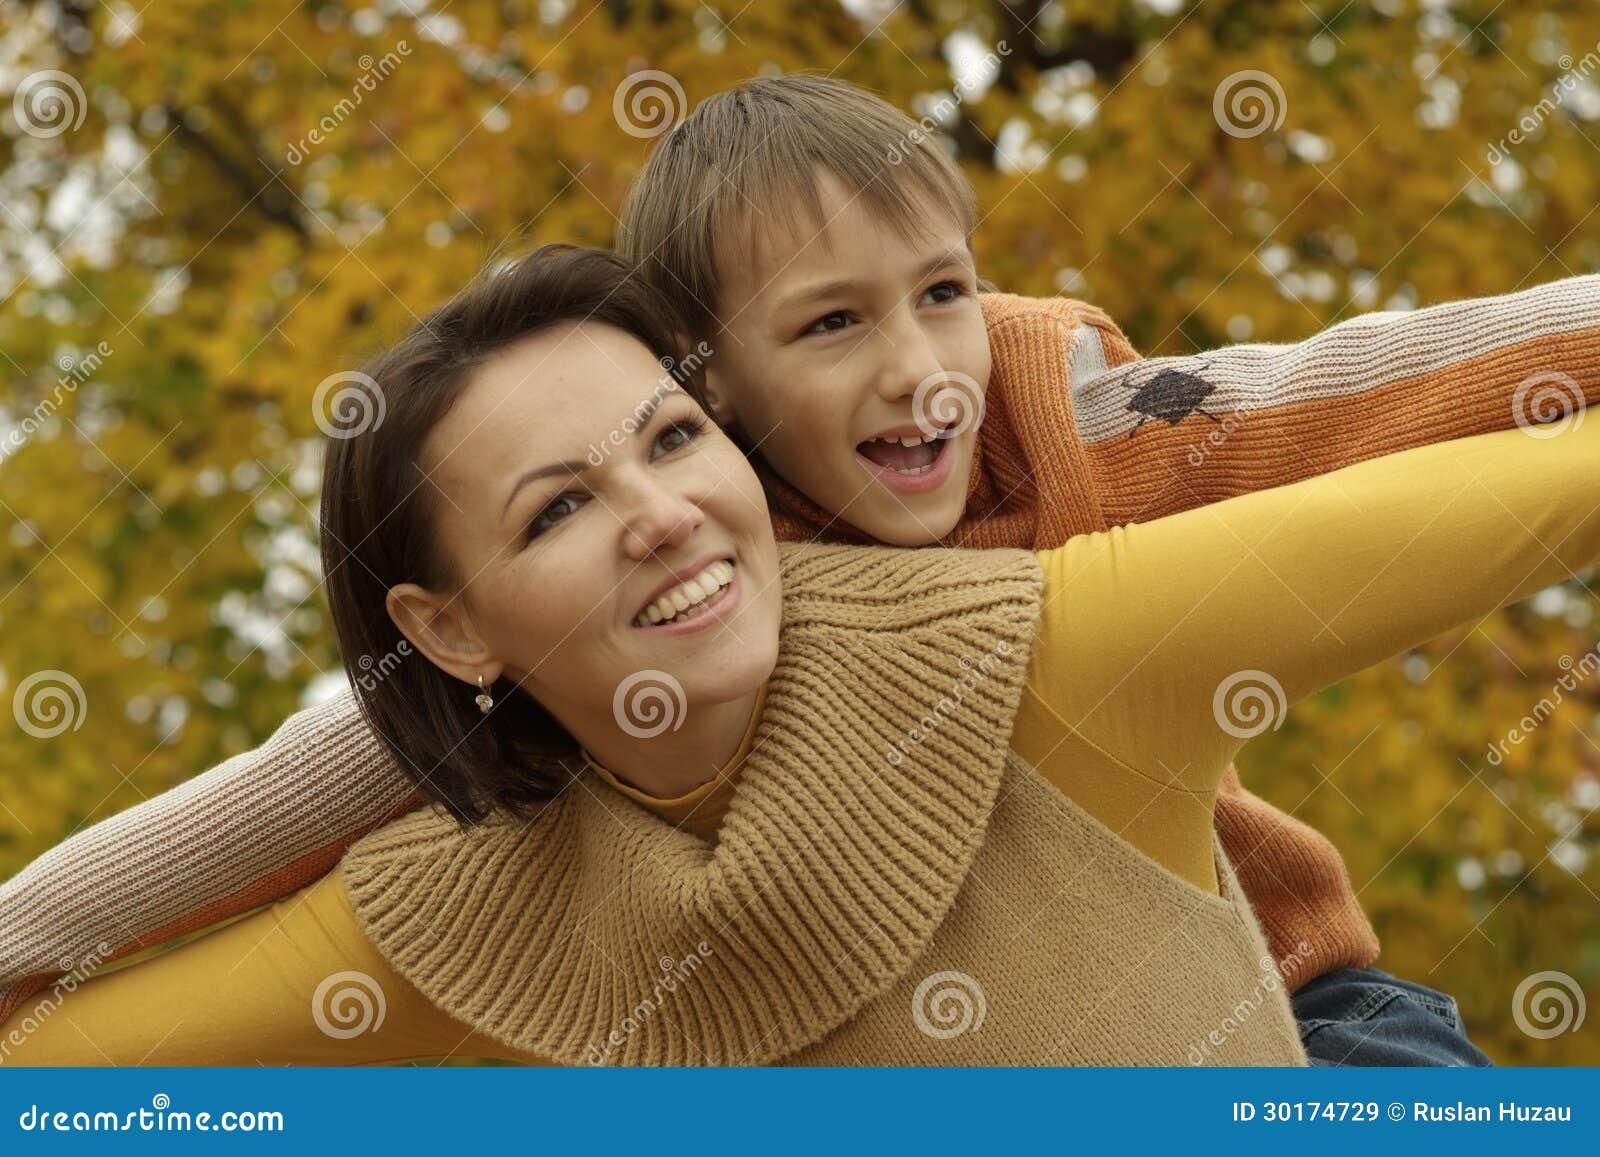 Une maman se fait demonter par deux jeunots - 5 6